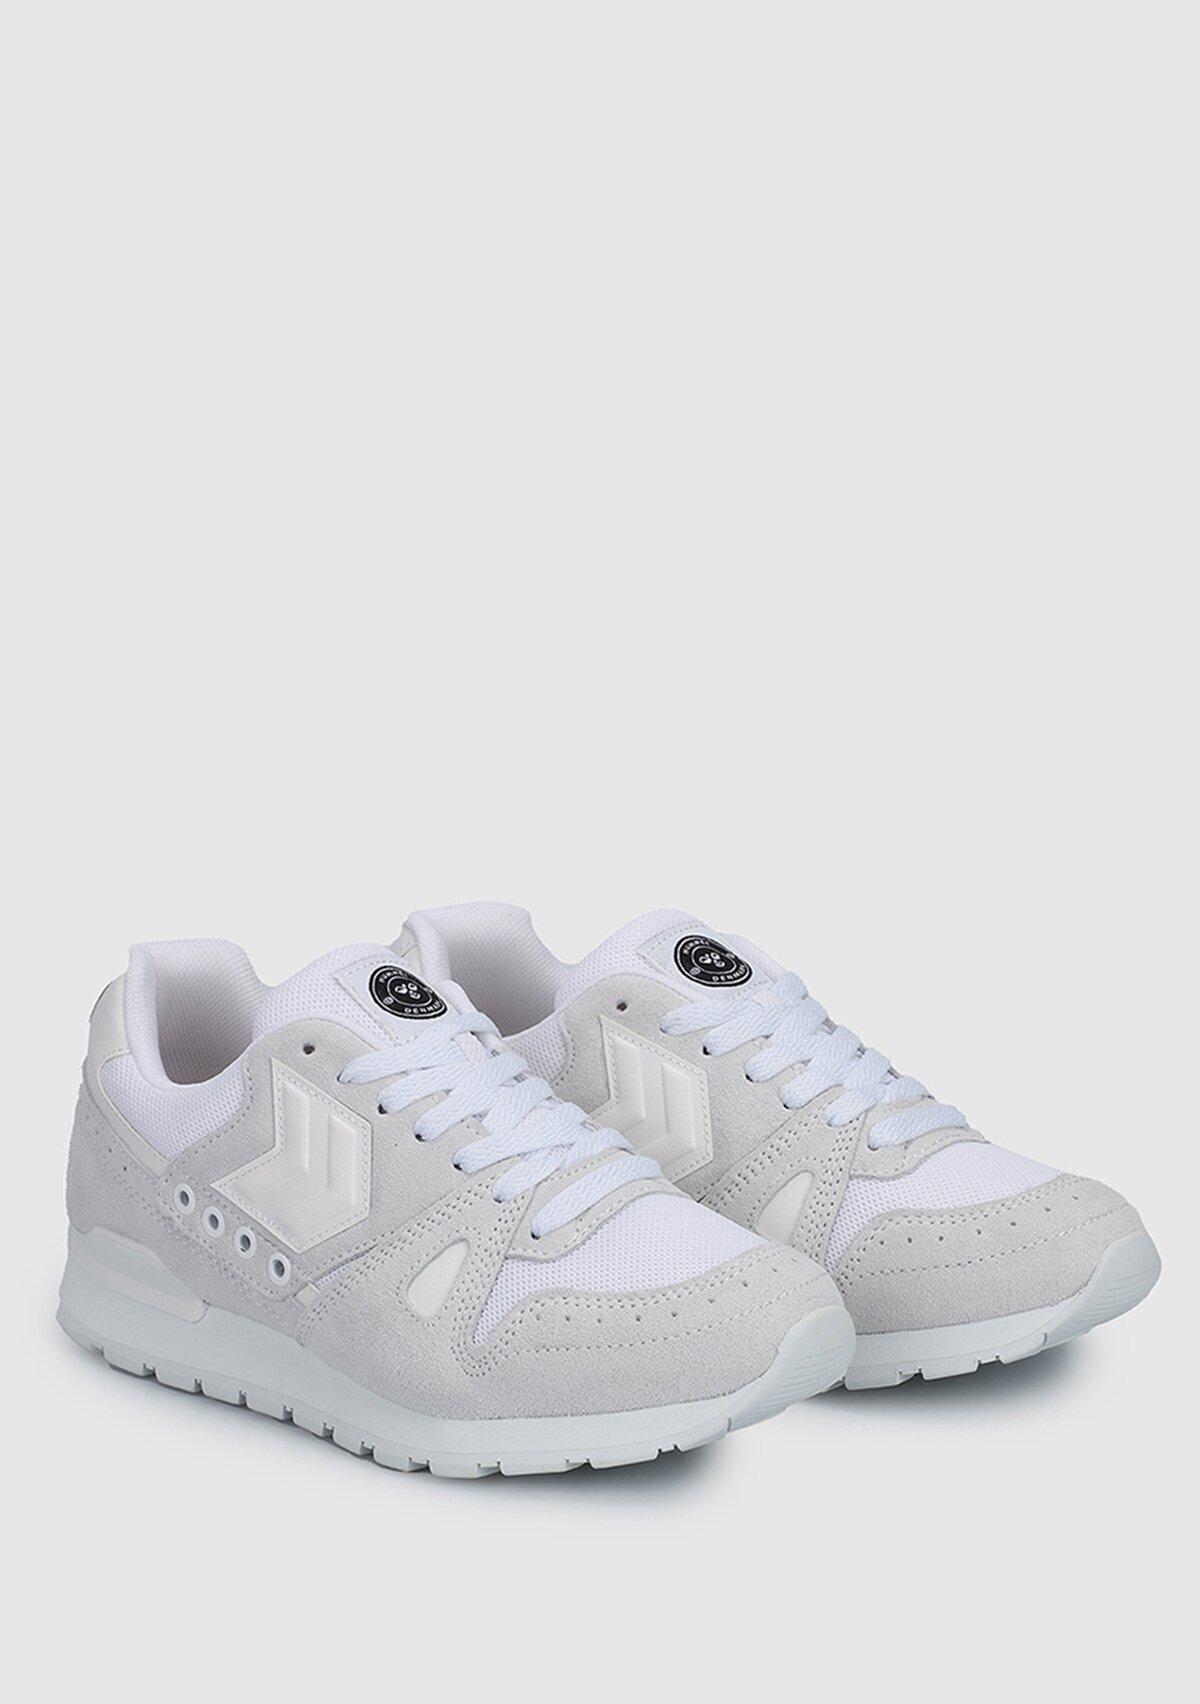 resm Hml Marathona Beyaz Unisex Sneaker 212544-9001